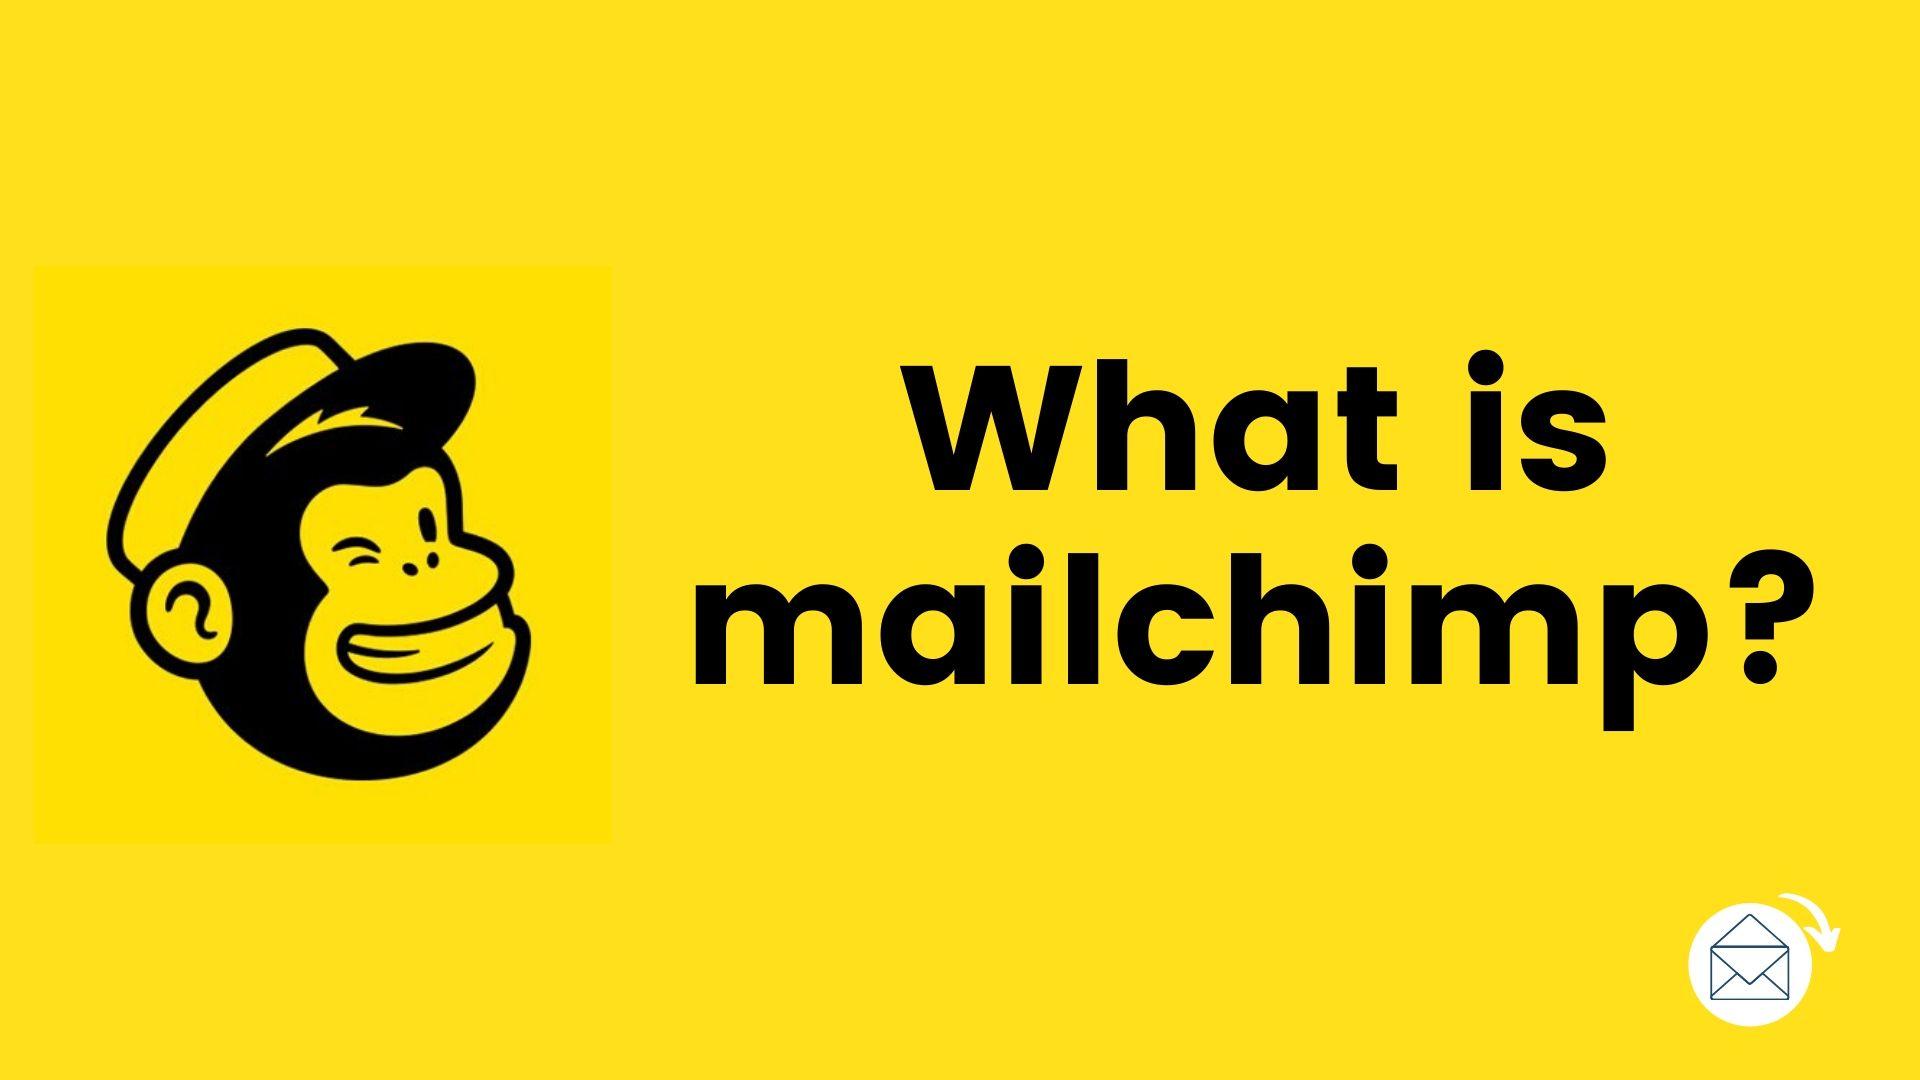 what is mailchimp? (defination)